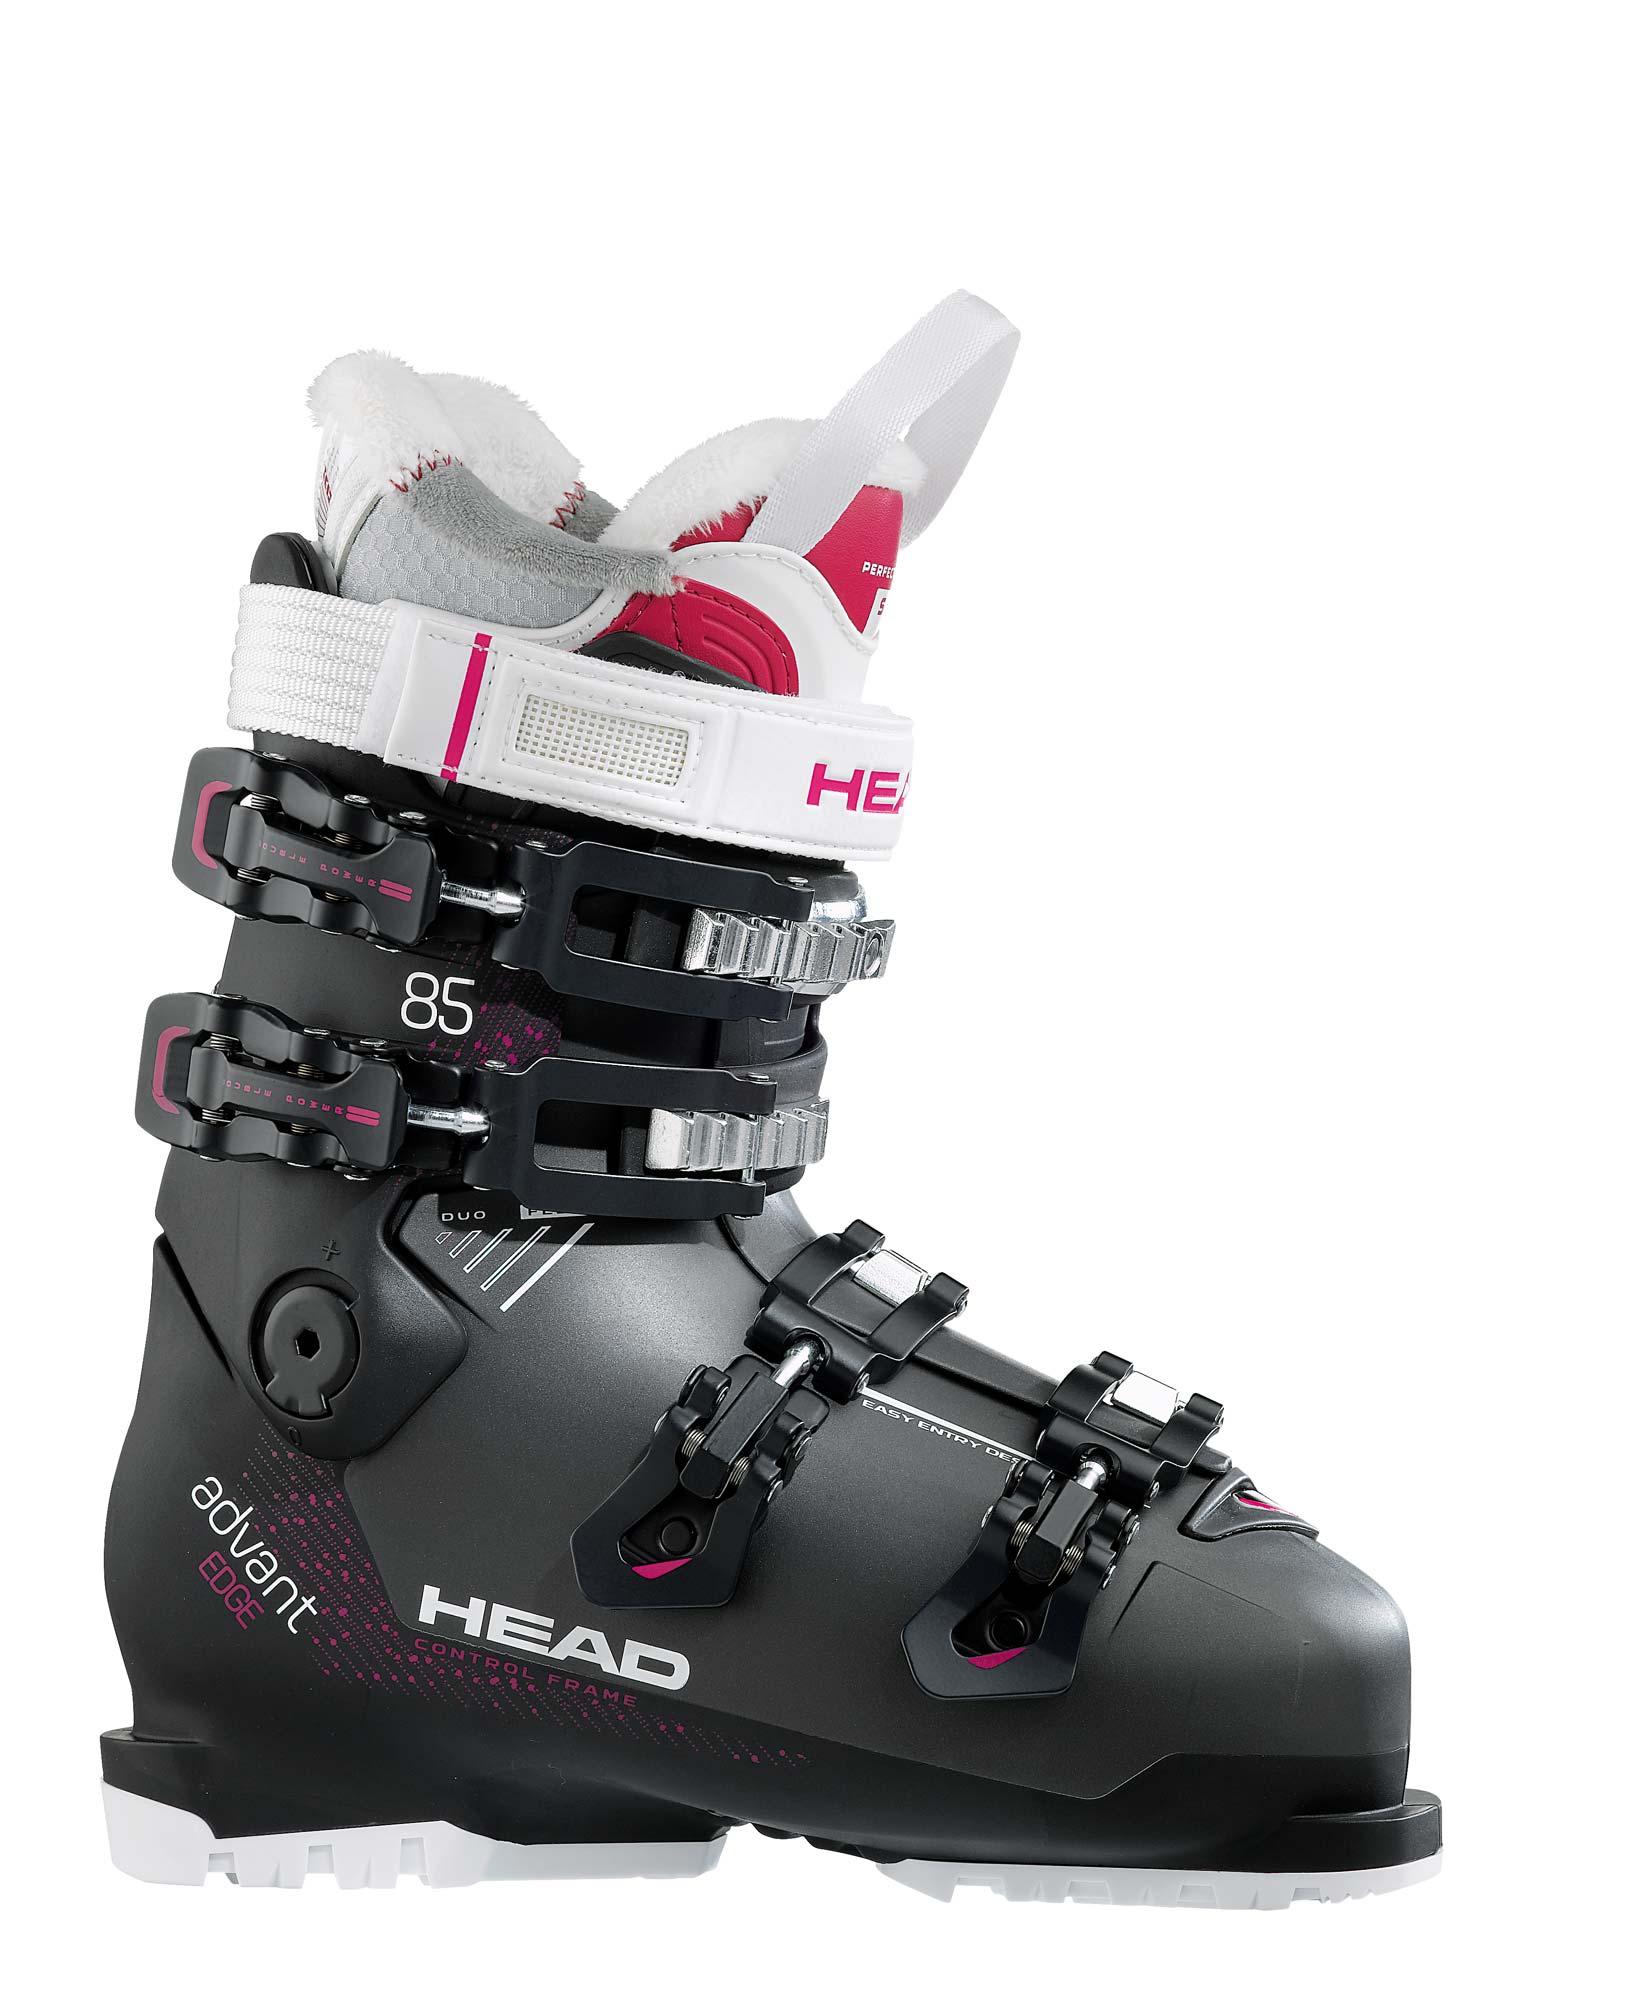 Head Advant Edge 85 W - Damen Skischuhe